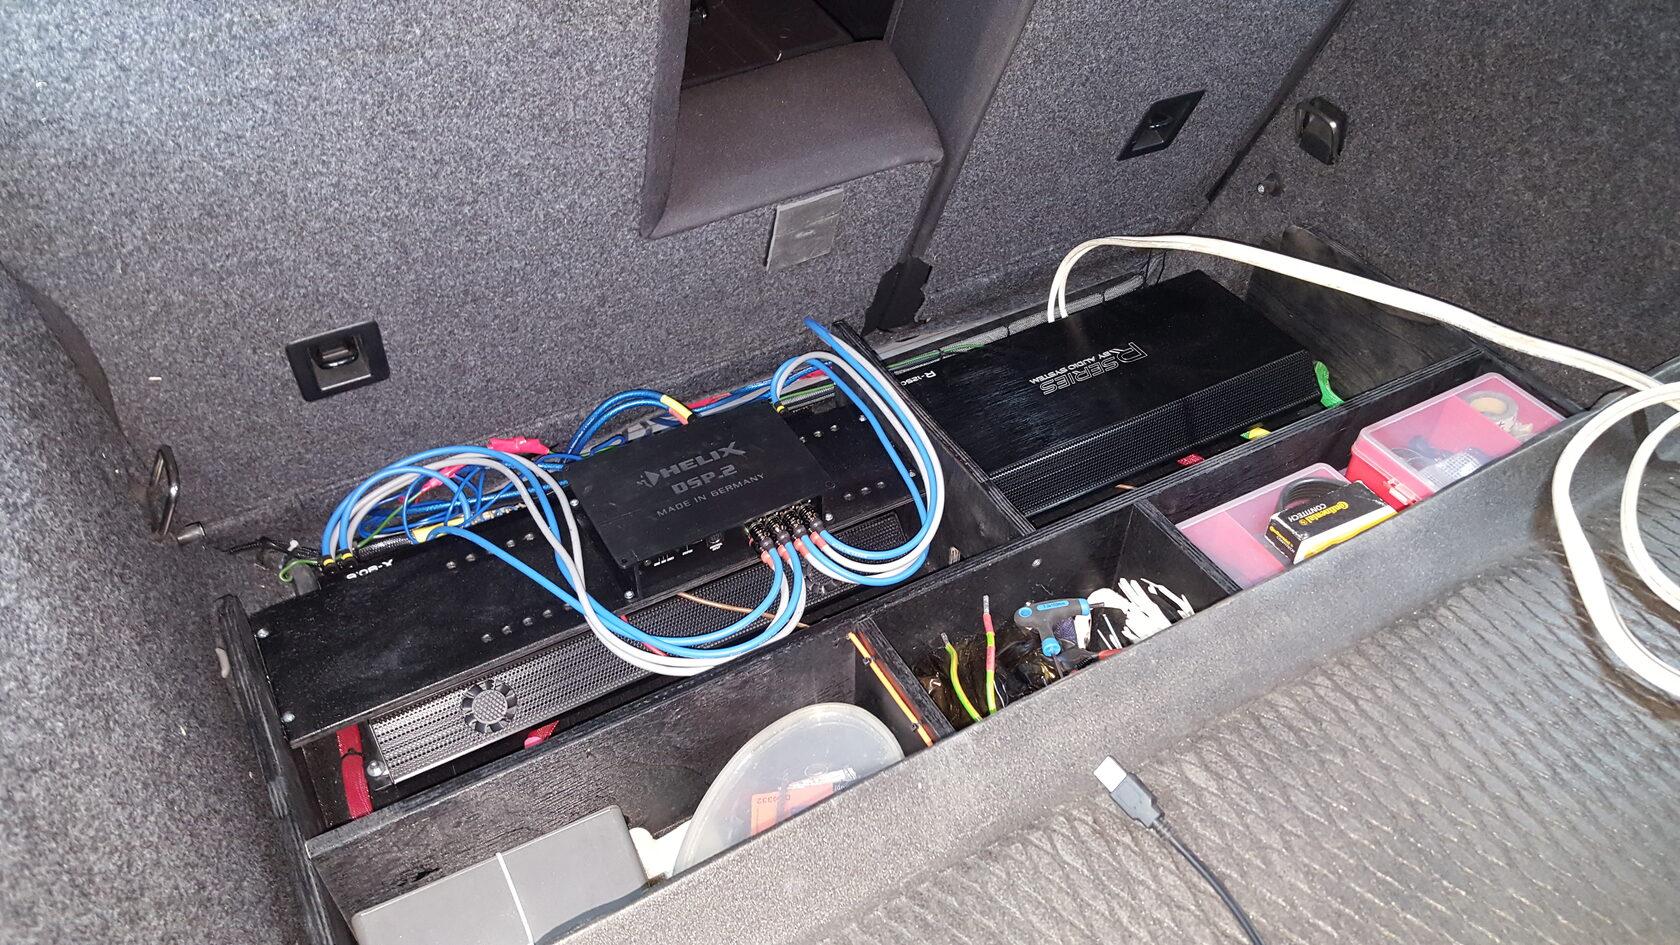 установка усилителей и аудиопроцессора в тигуане